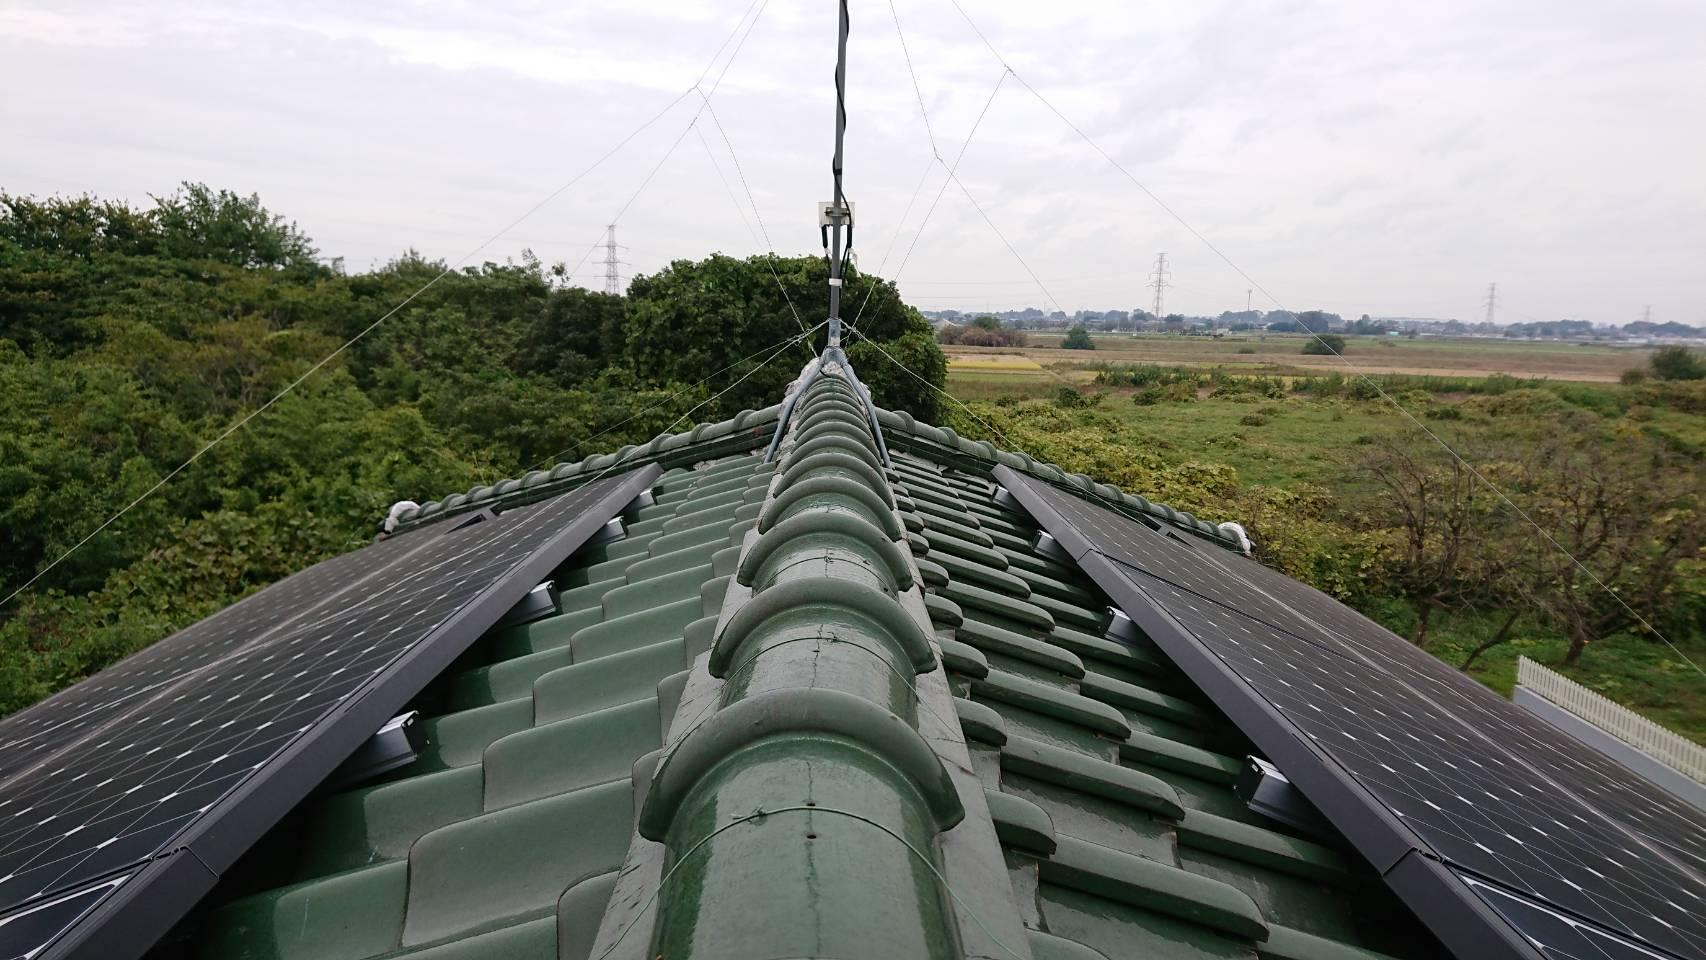 蓮田市で瓦屋根のずれ、雨樋の歪みあり、調査です